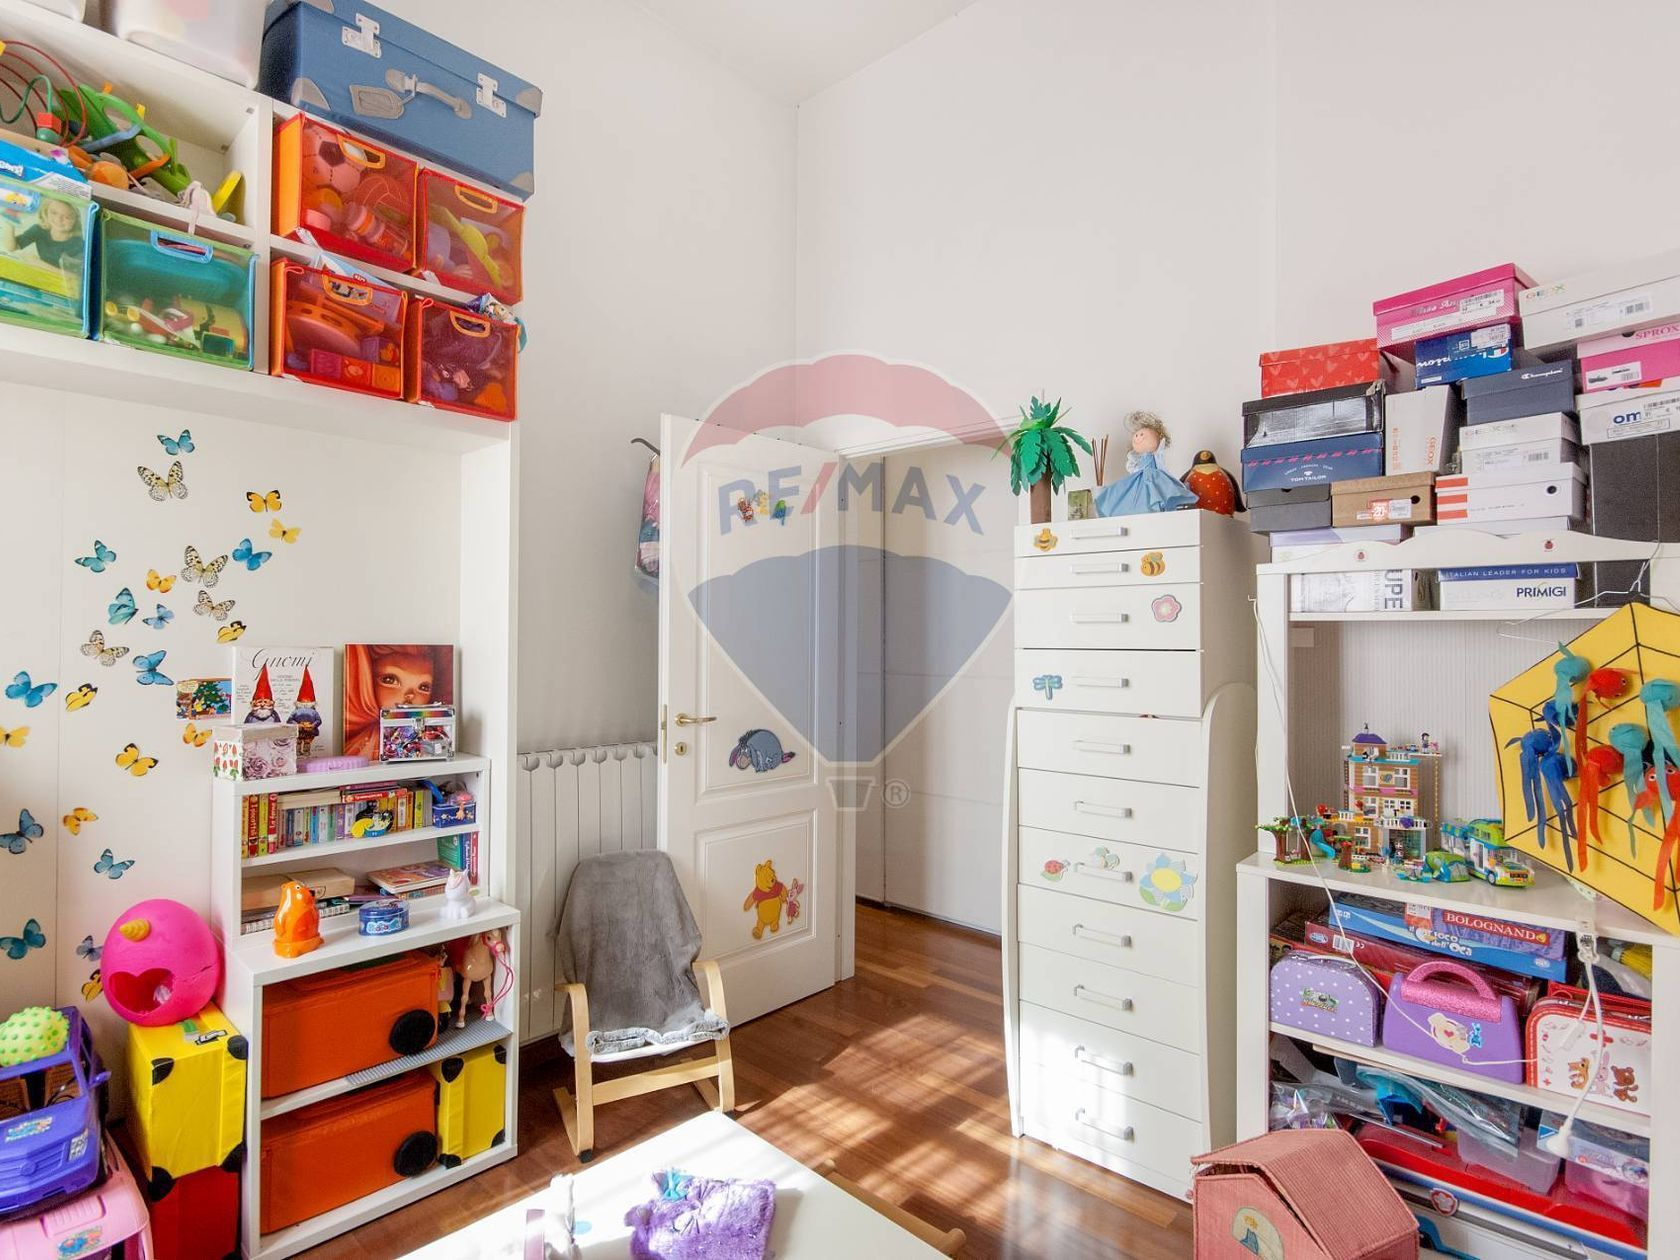 Appartamento Zona Centro Storico, San Giovanni in Persiceto, BO Vendita - Foto 22